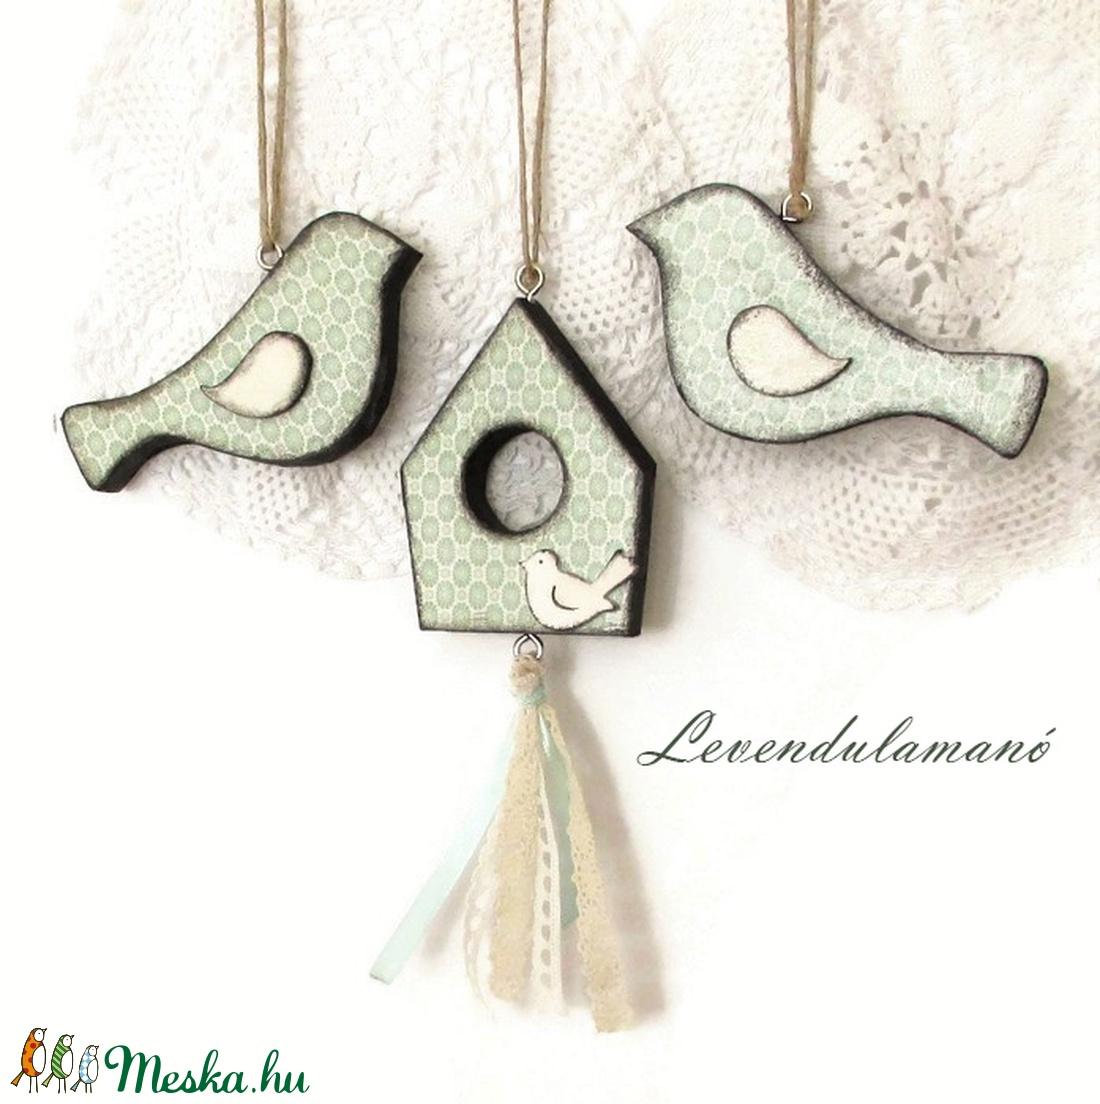 Menta színű madaras szett (Levendulamano) - Meska.hu